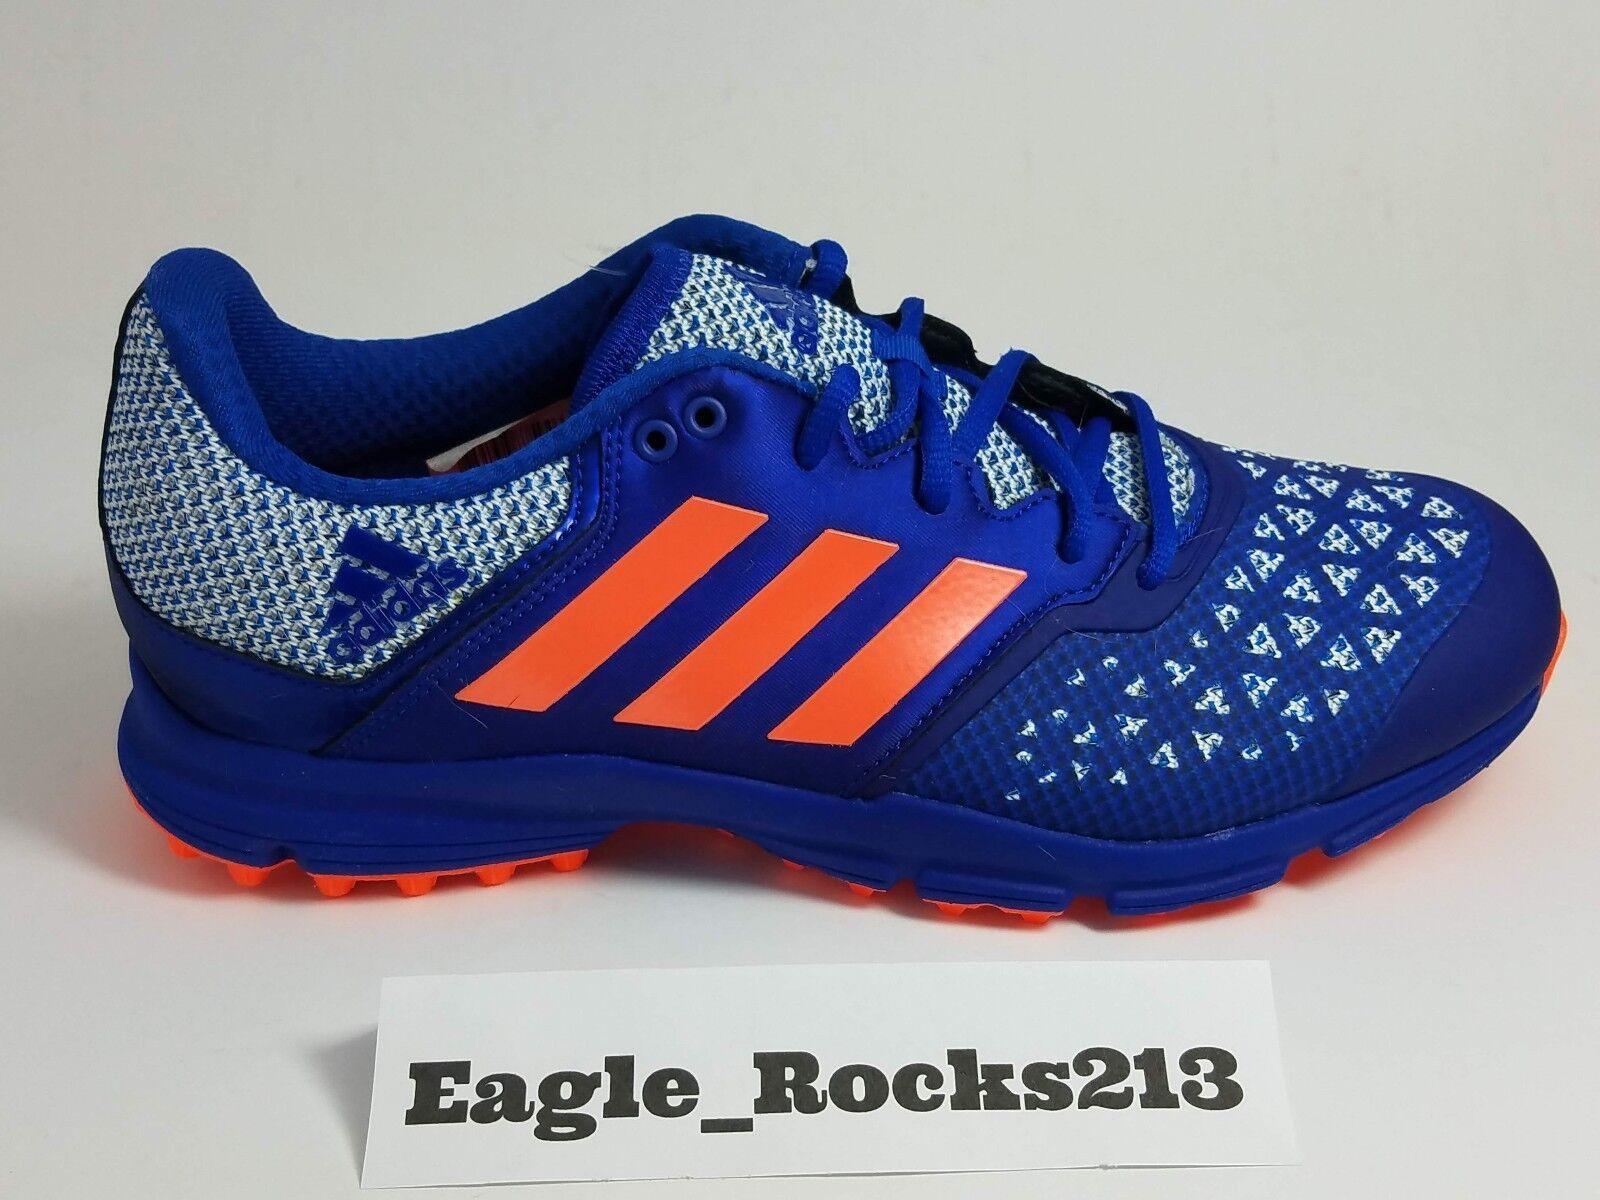 Adidas Zone Dox Hockey Aq6520 Blue Orange Shoes Cleats Uomo Sz 9 Turf Trainers